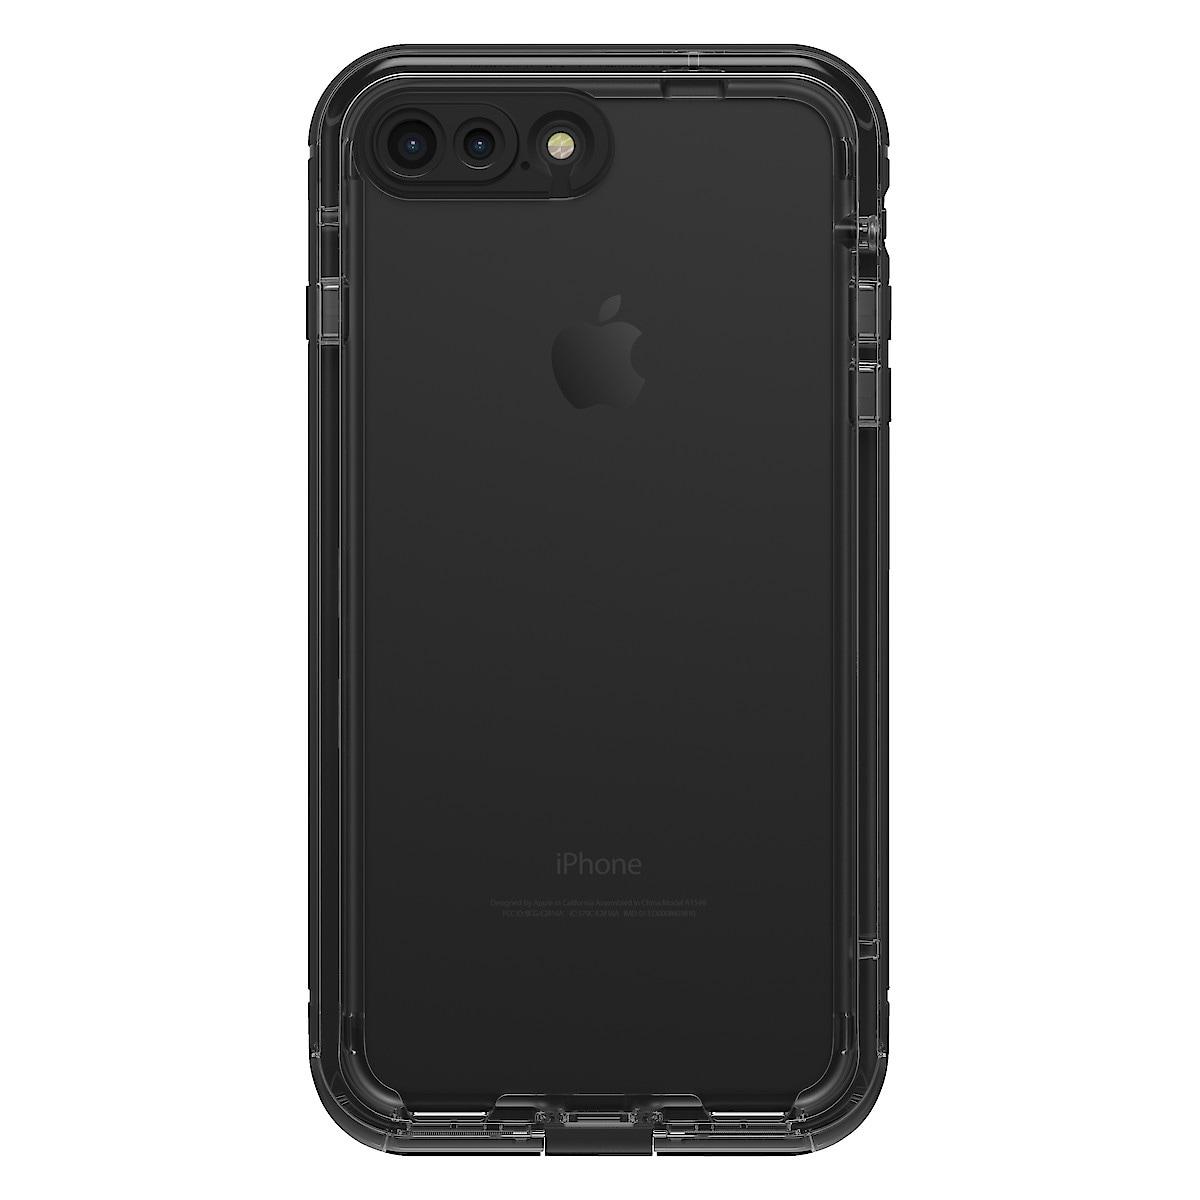 Kuori iPhone 7 Plus, Lifeproof Nuud